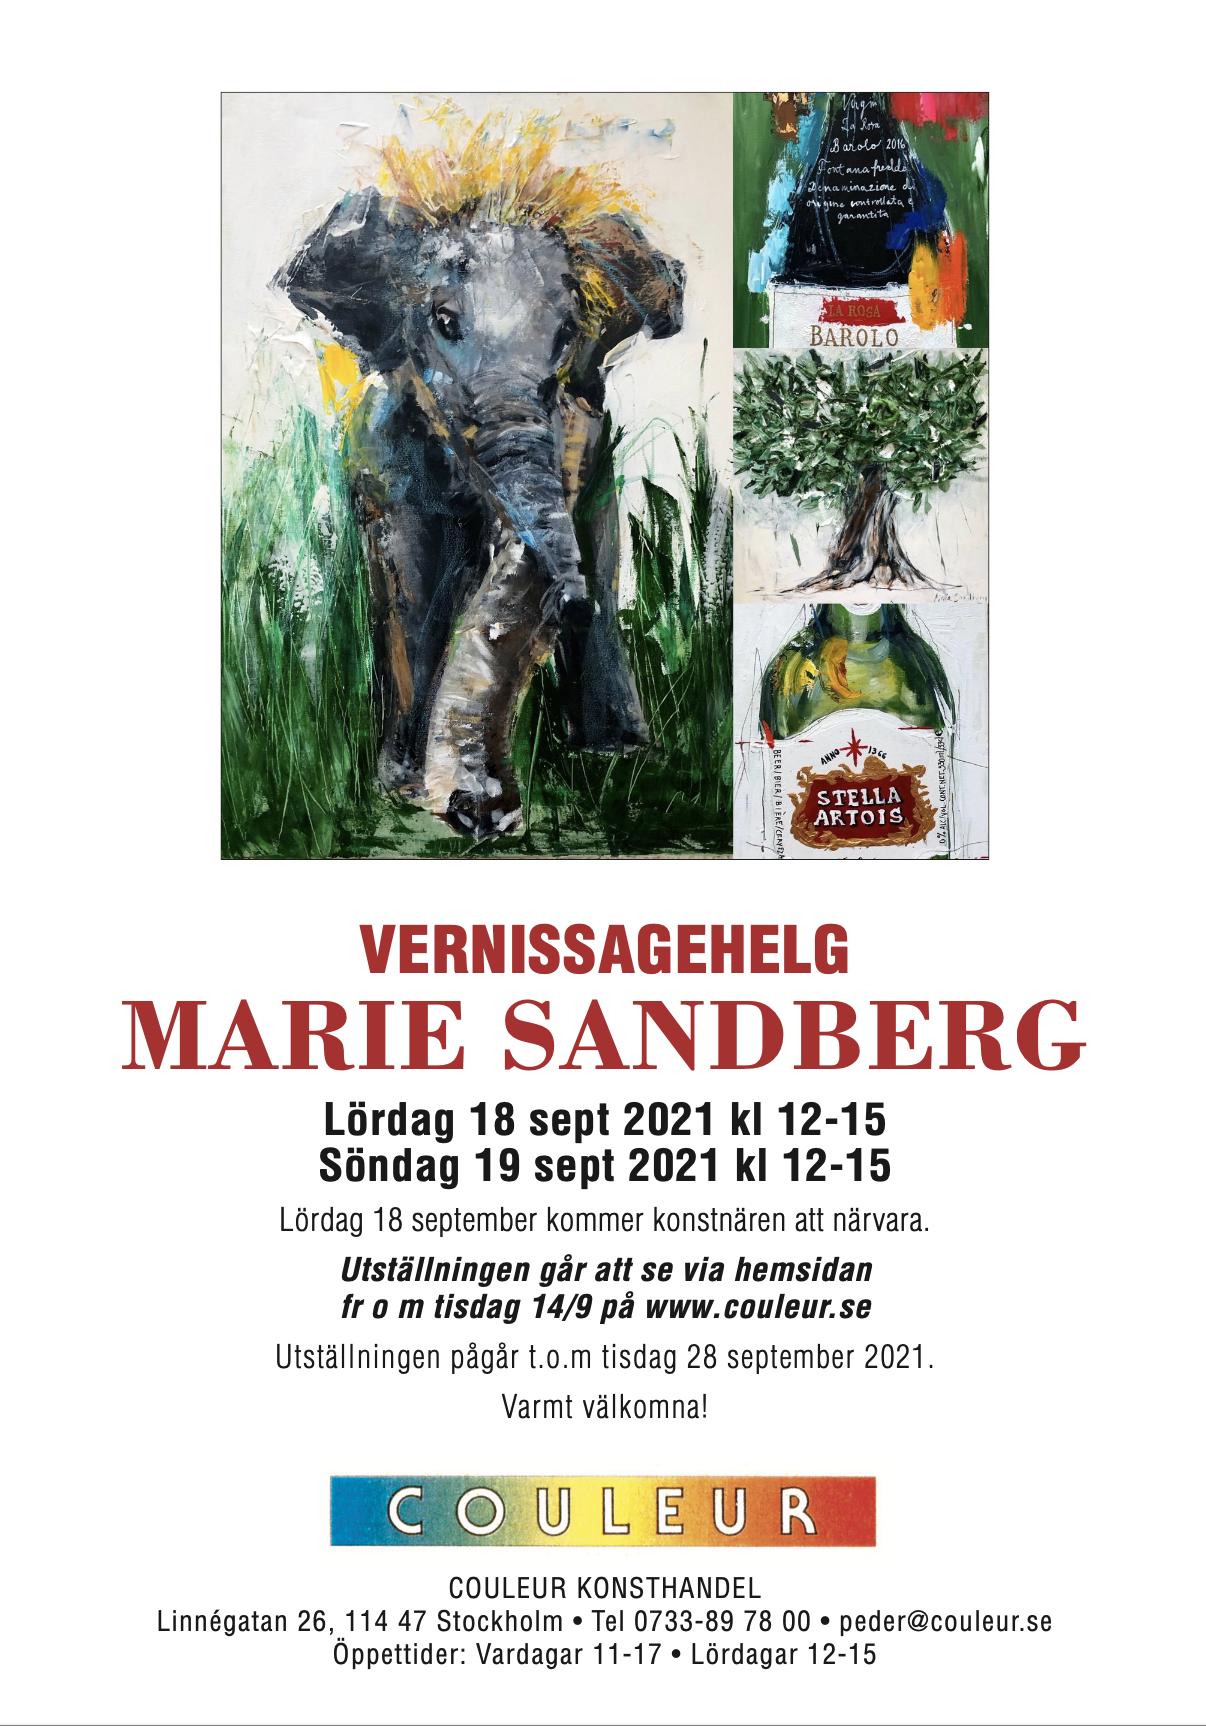 Vernissagehelg Marie Sandberg